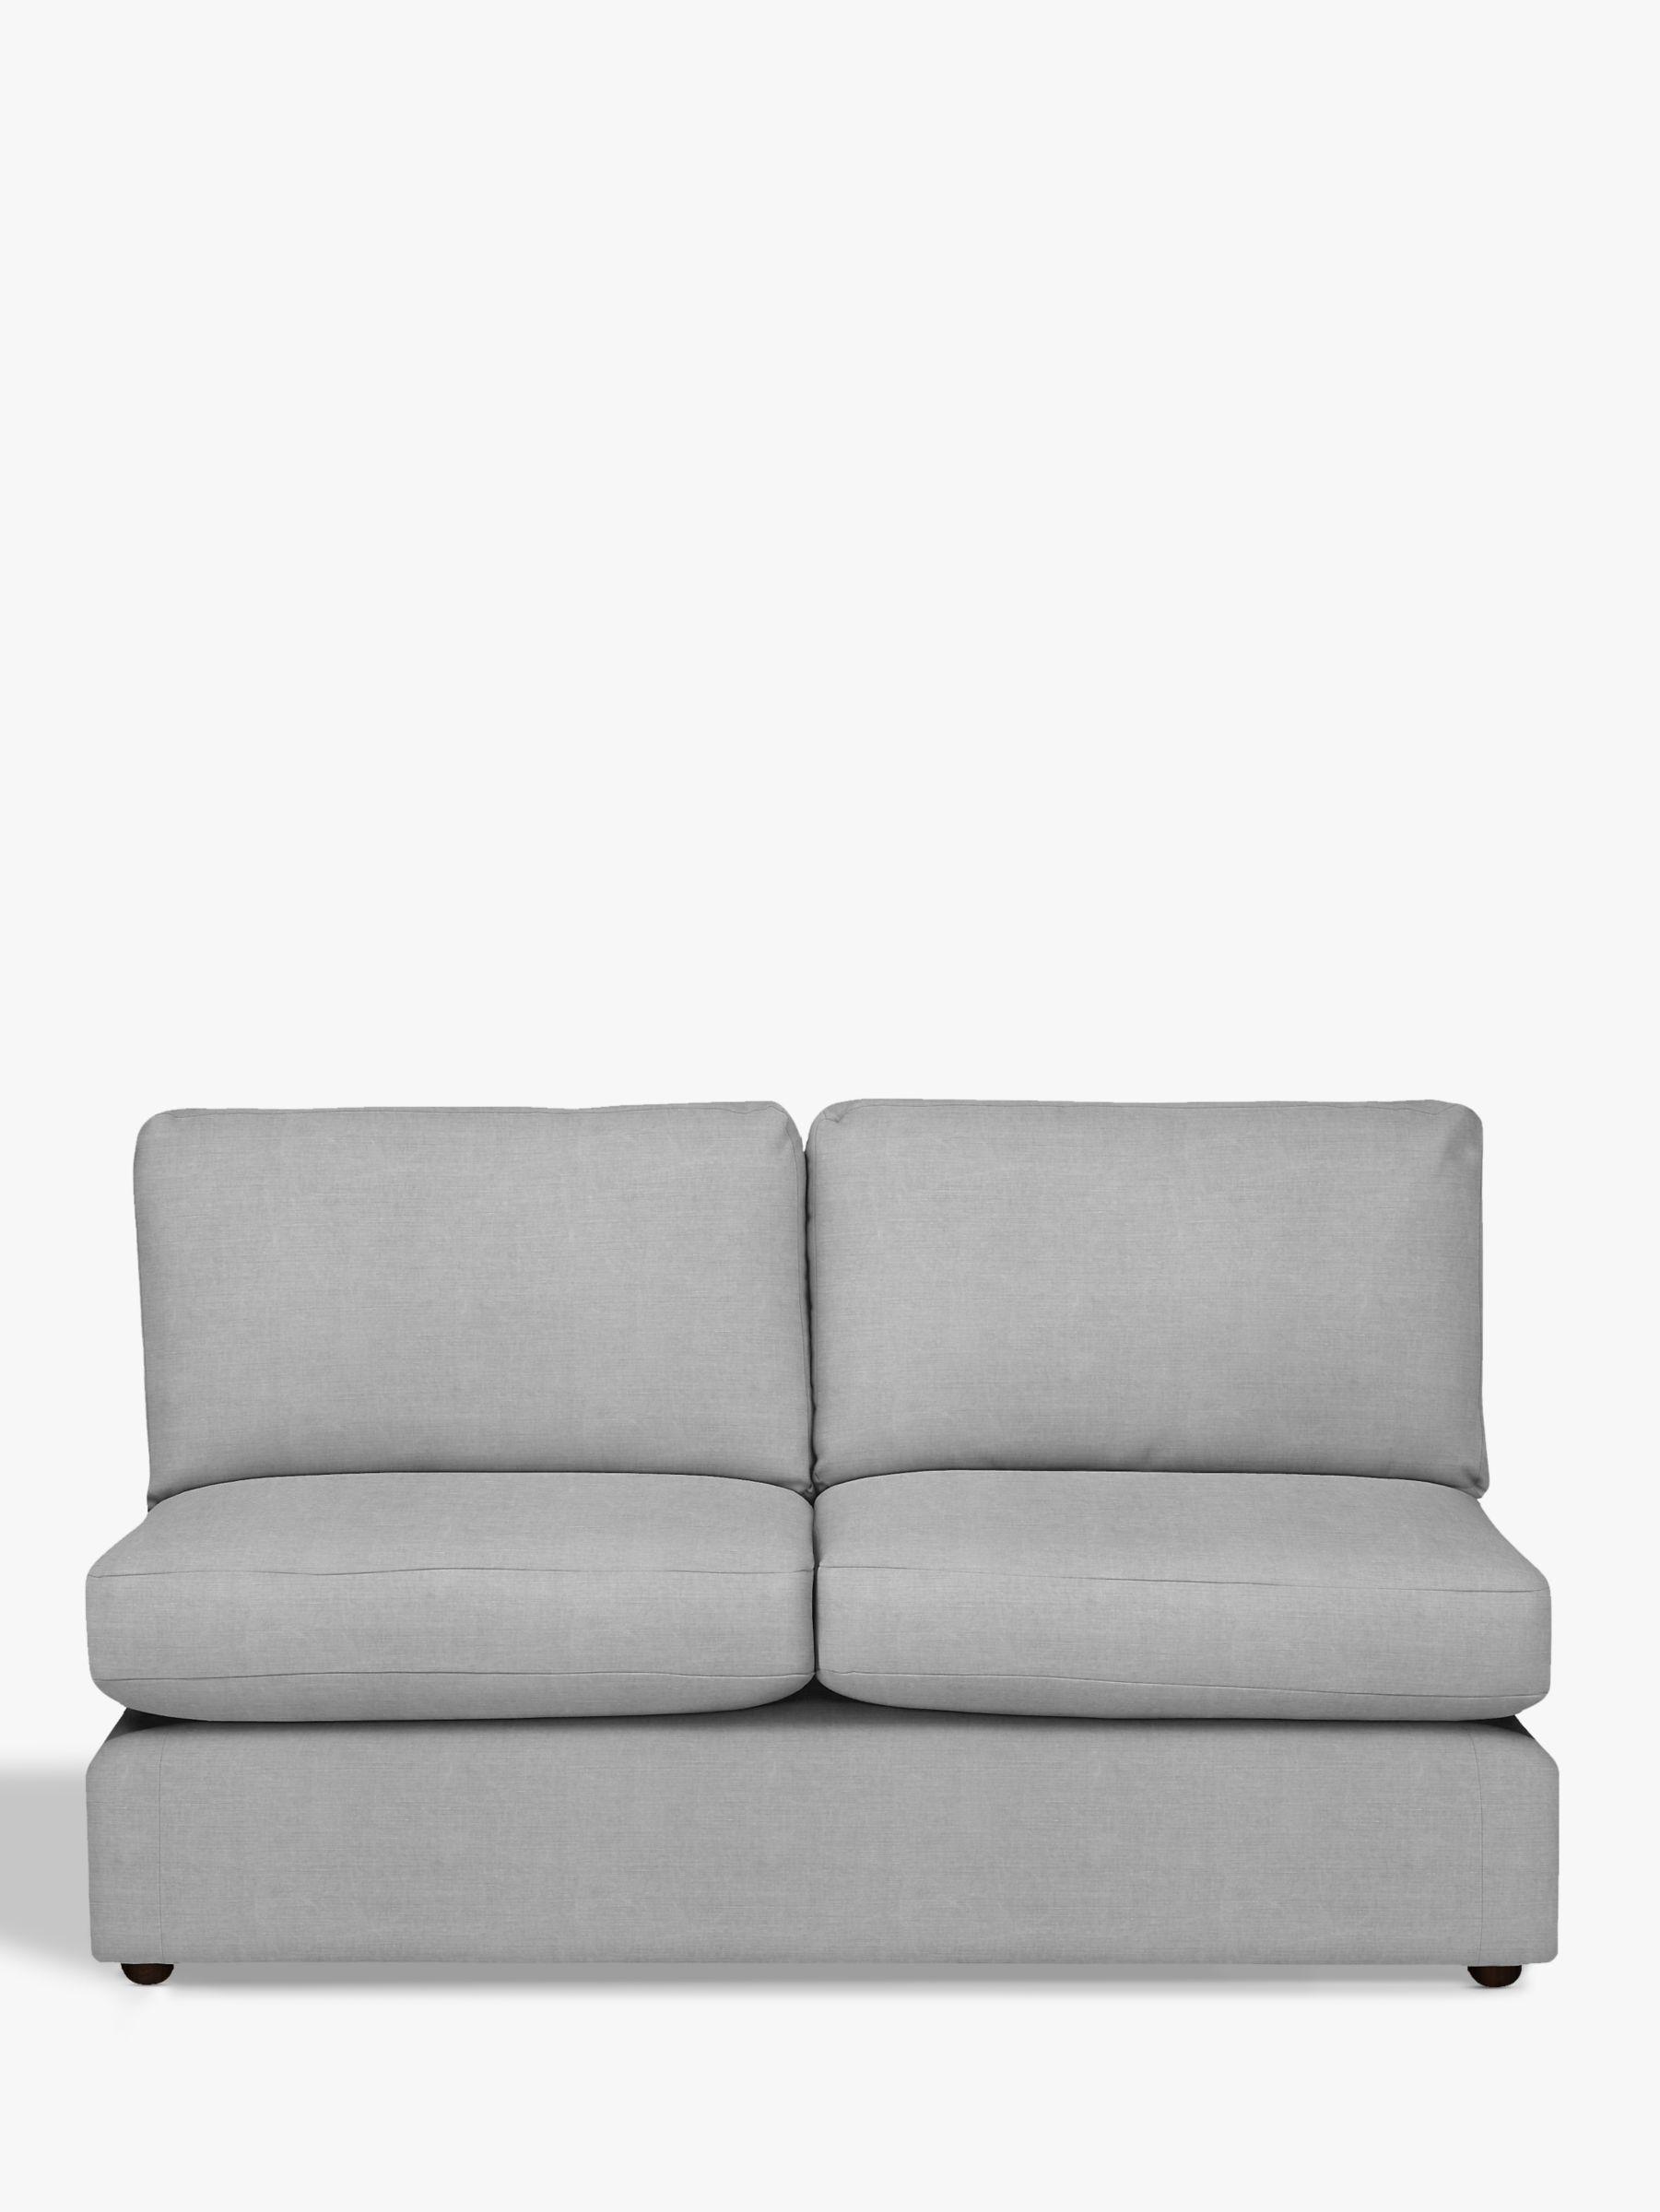 Modular Large 3 Seater Armless Sofa